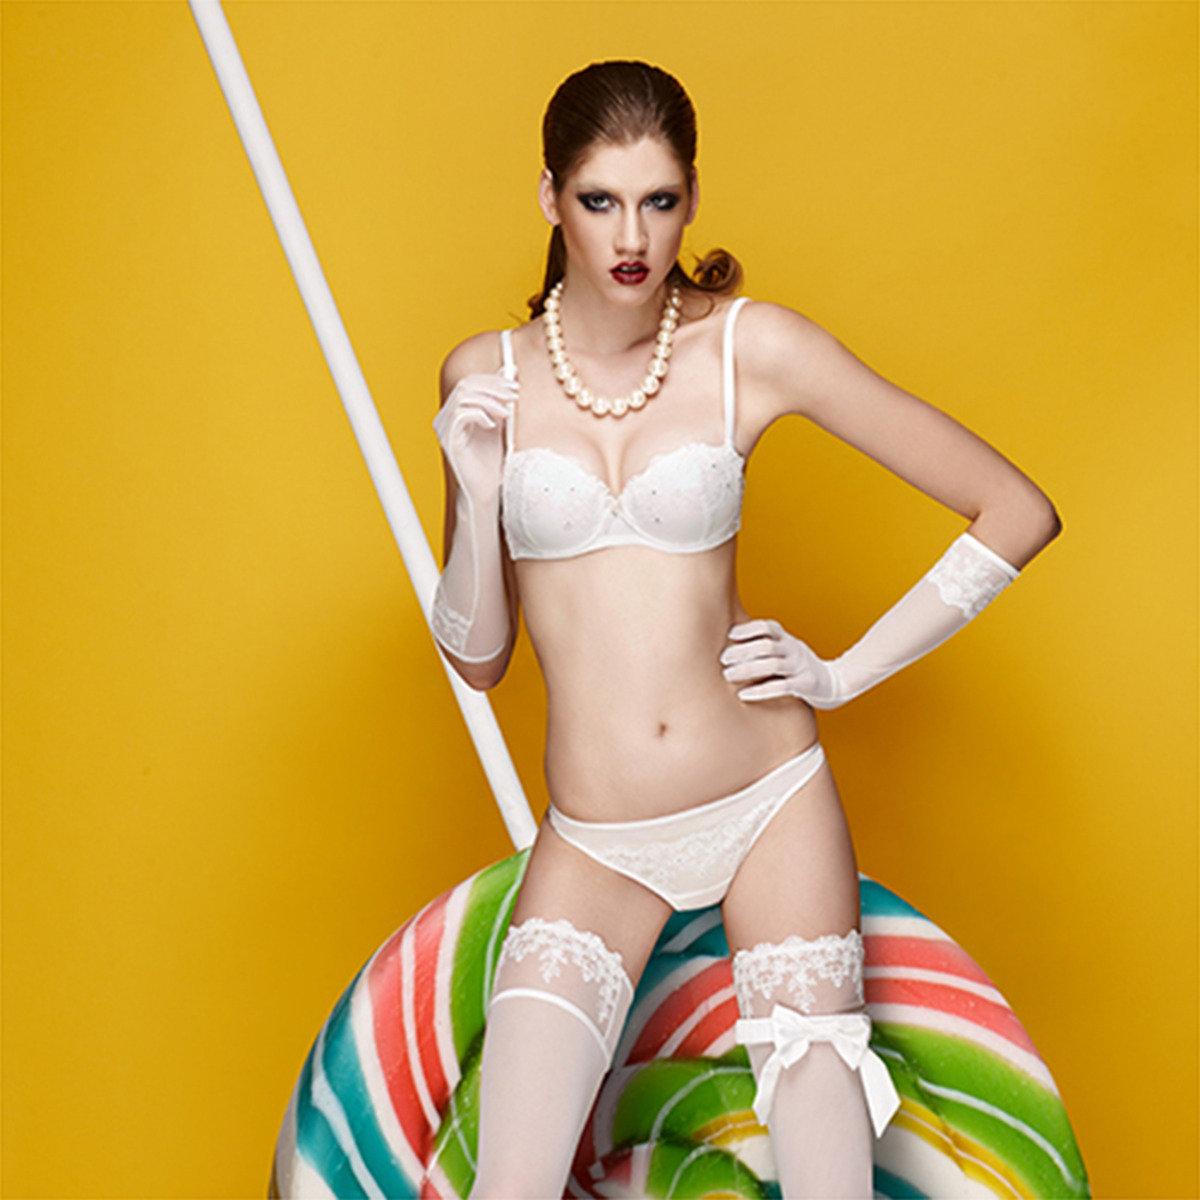 芭蕾夢幻提花三角褲